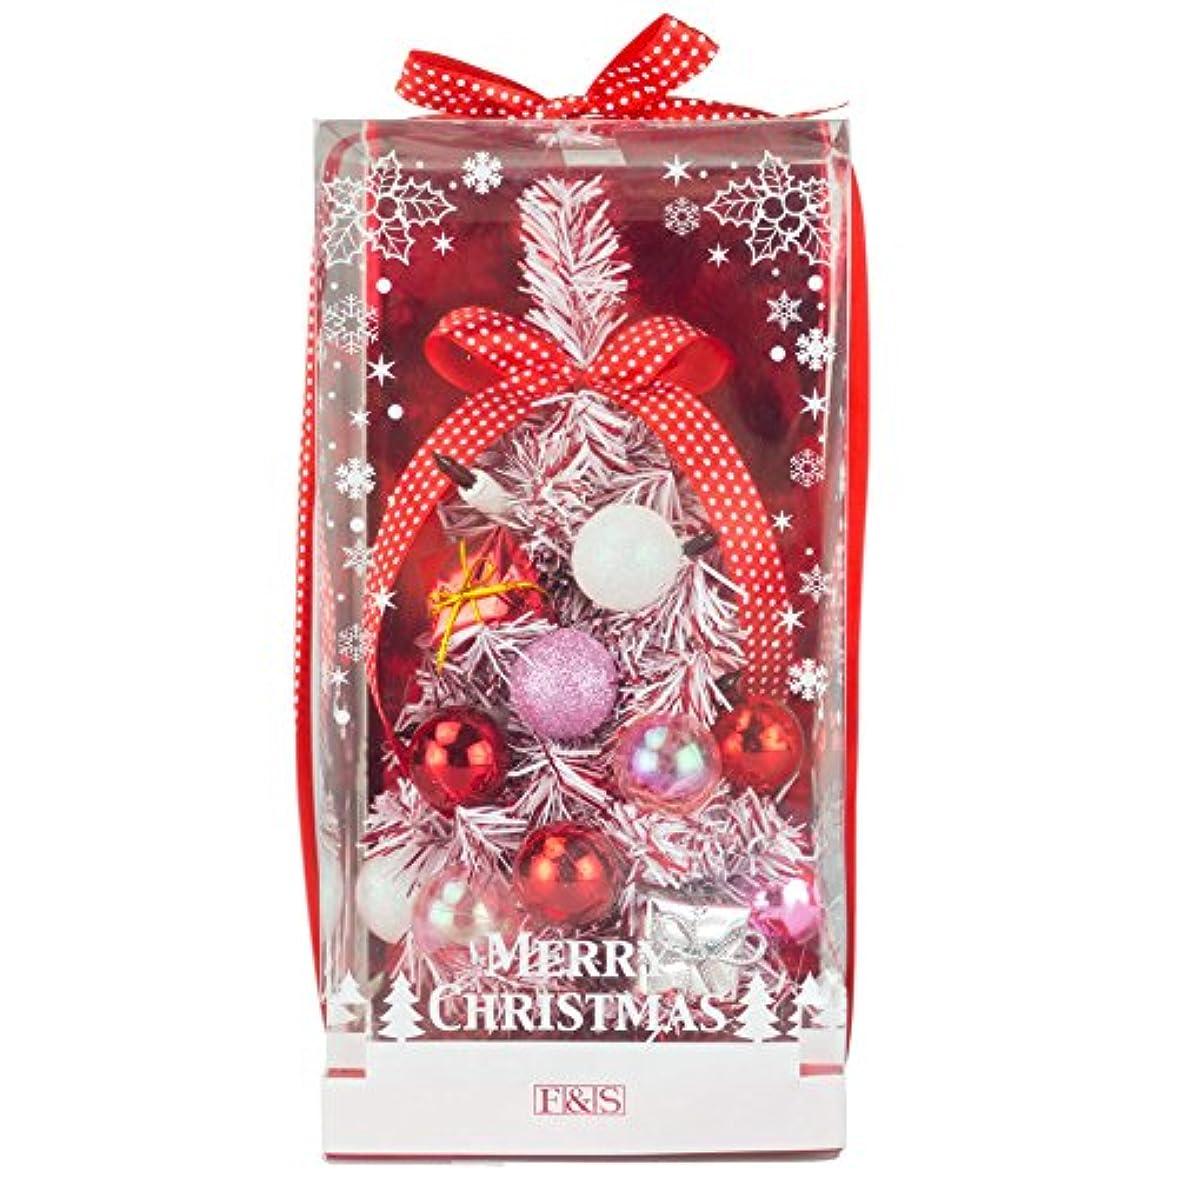 調子微視的視聴者東京ローソク クリスマスツリー ミニツリー 26cm デコレーションツリー ピンクスノー